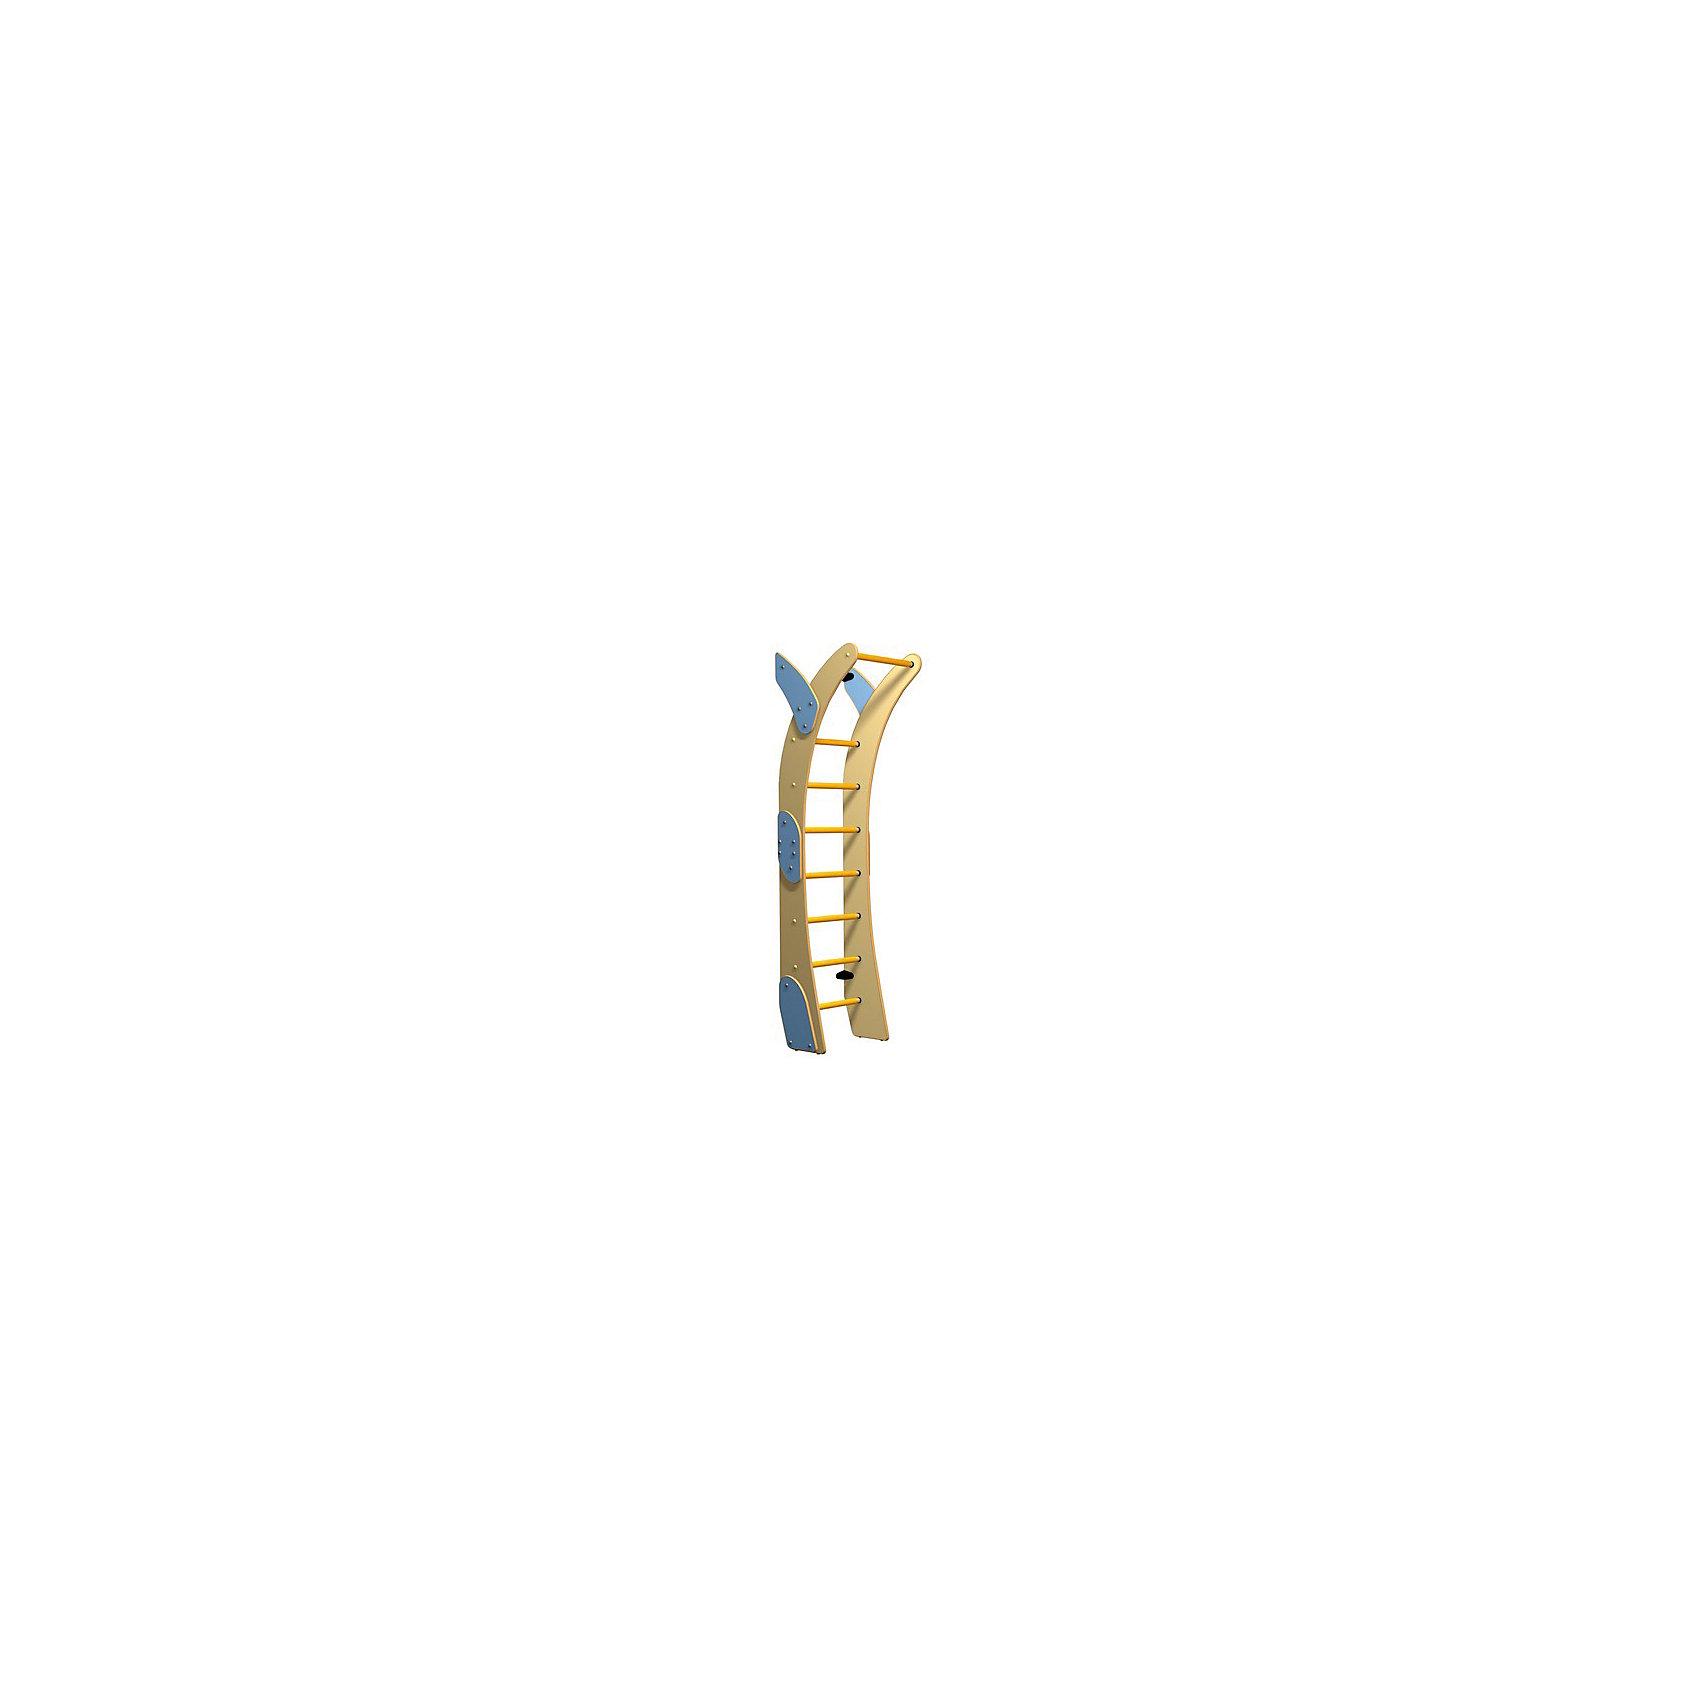 Шведская стенка Луна большая, ROMANAШведские стенки<br>Луна маленькая, ROMANA.<br><br>Характеристики:<br><br>• Высота: 1,900 м<br>• Цвет: красный, желтый<br>• Допустимый вес: 70 кг<br>• Габариты: 42х56,2 см<br>• Материал: металл<br>• Возраст: от 3 лет<br><br>Удобная шведская стенка для самых маленьких. Крепится она с помощью болтов к стене, что делает эту стенку безопасной для вашего малыша. Тренажер позволит делать упражнения на все группы мышц. Стенка хоть и большая, но сделана с учетом полной безопасности для ребенка. Ступеньки гладкие, но не скользящие. Стенку легко мыть или протирать влажной тряпкой.<br><br>Луна маленькая, ROMANA можно купить в нашем интернет-магазине.<br><br>Ширина мм: 1200<br>Глубина мм: 430<br>Высота мм: 80<br>Вес г: 17000<br>Возраст от месяцев: 36<br>Возраст до месяцев: 192<br>Пол: Унисекс<br>Возраст: Детский<br>SKU: 4993376